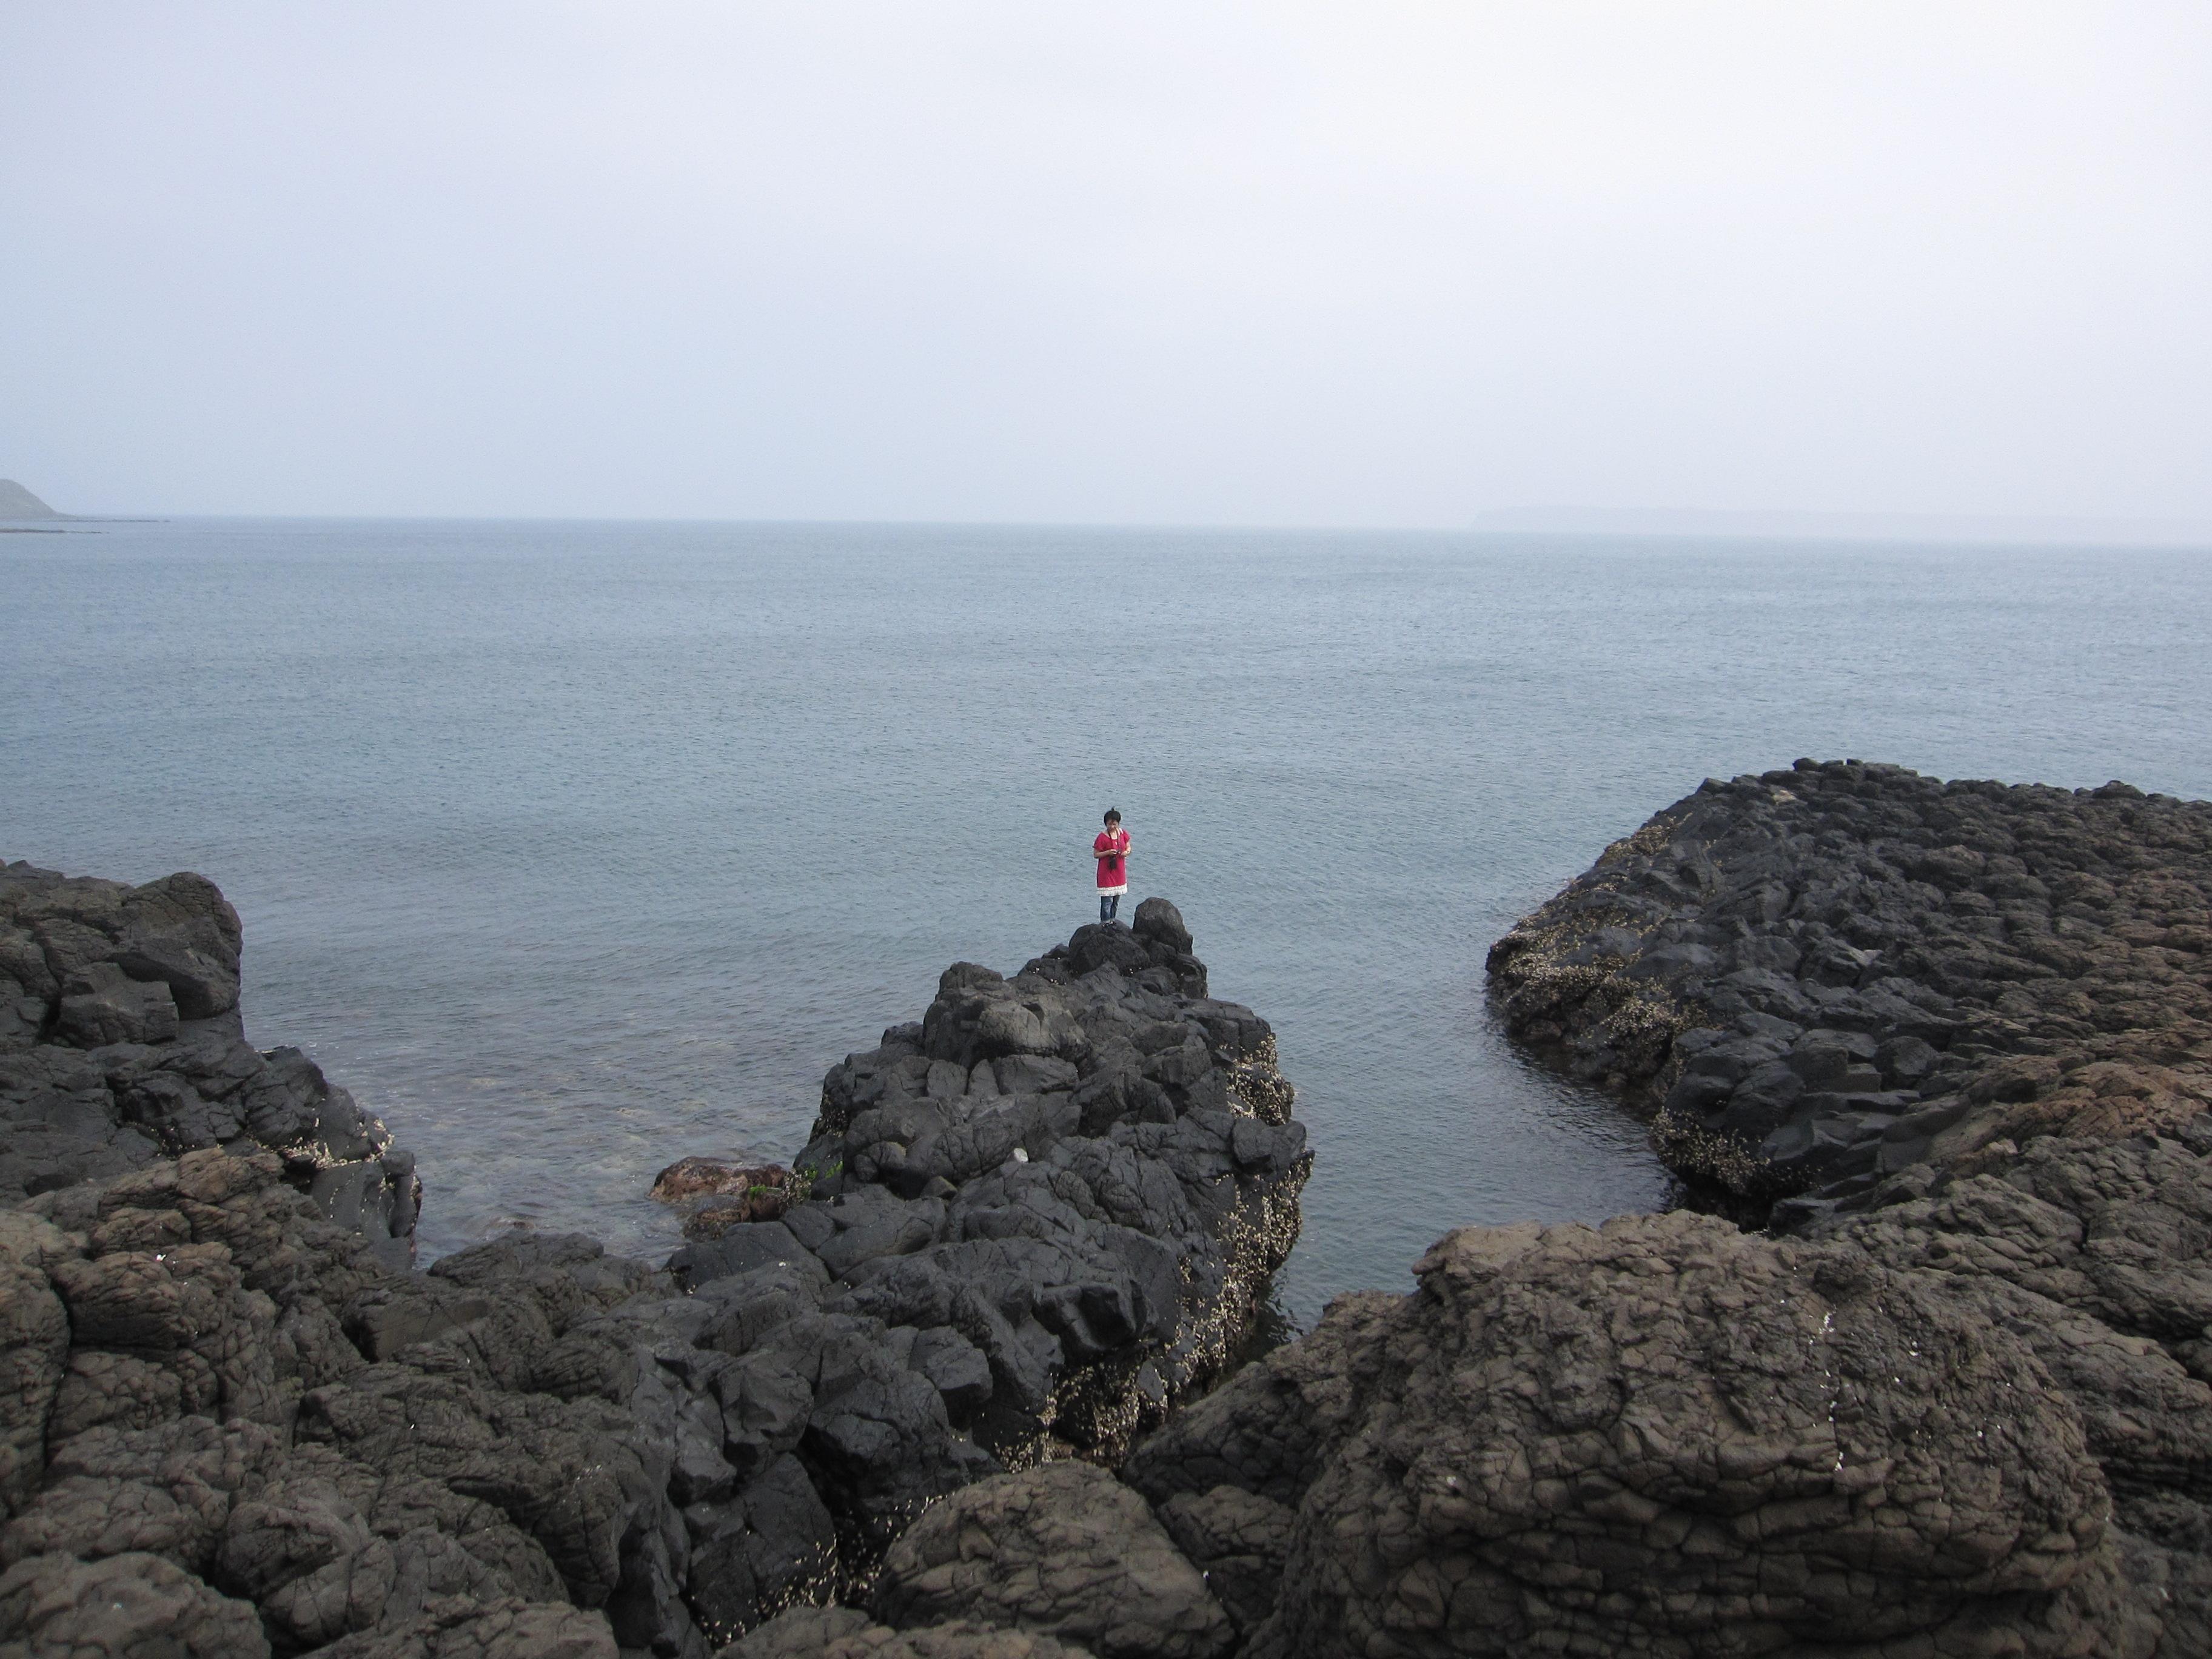 陽光 沙灘 海浪 仙人掌-澎湖 Day1:南環 | 一點小空間